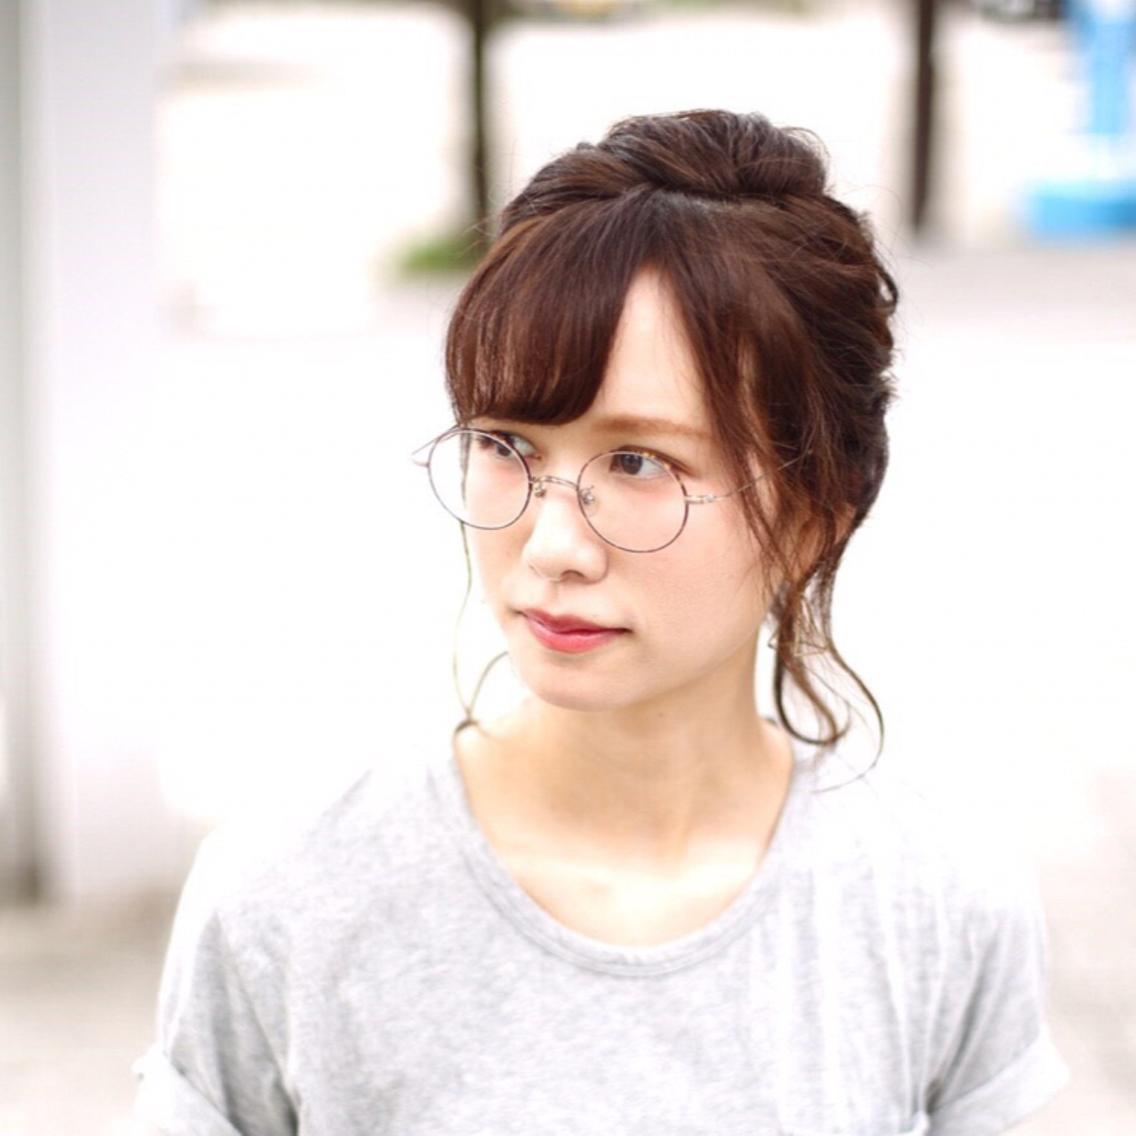 美容室HANA所属・岩坂 興人の掲載